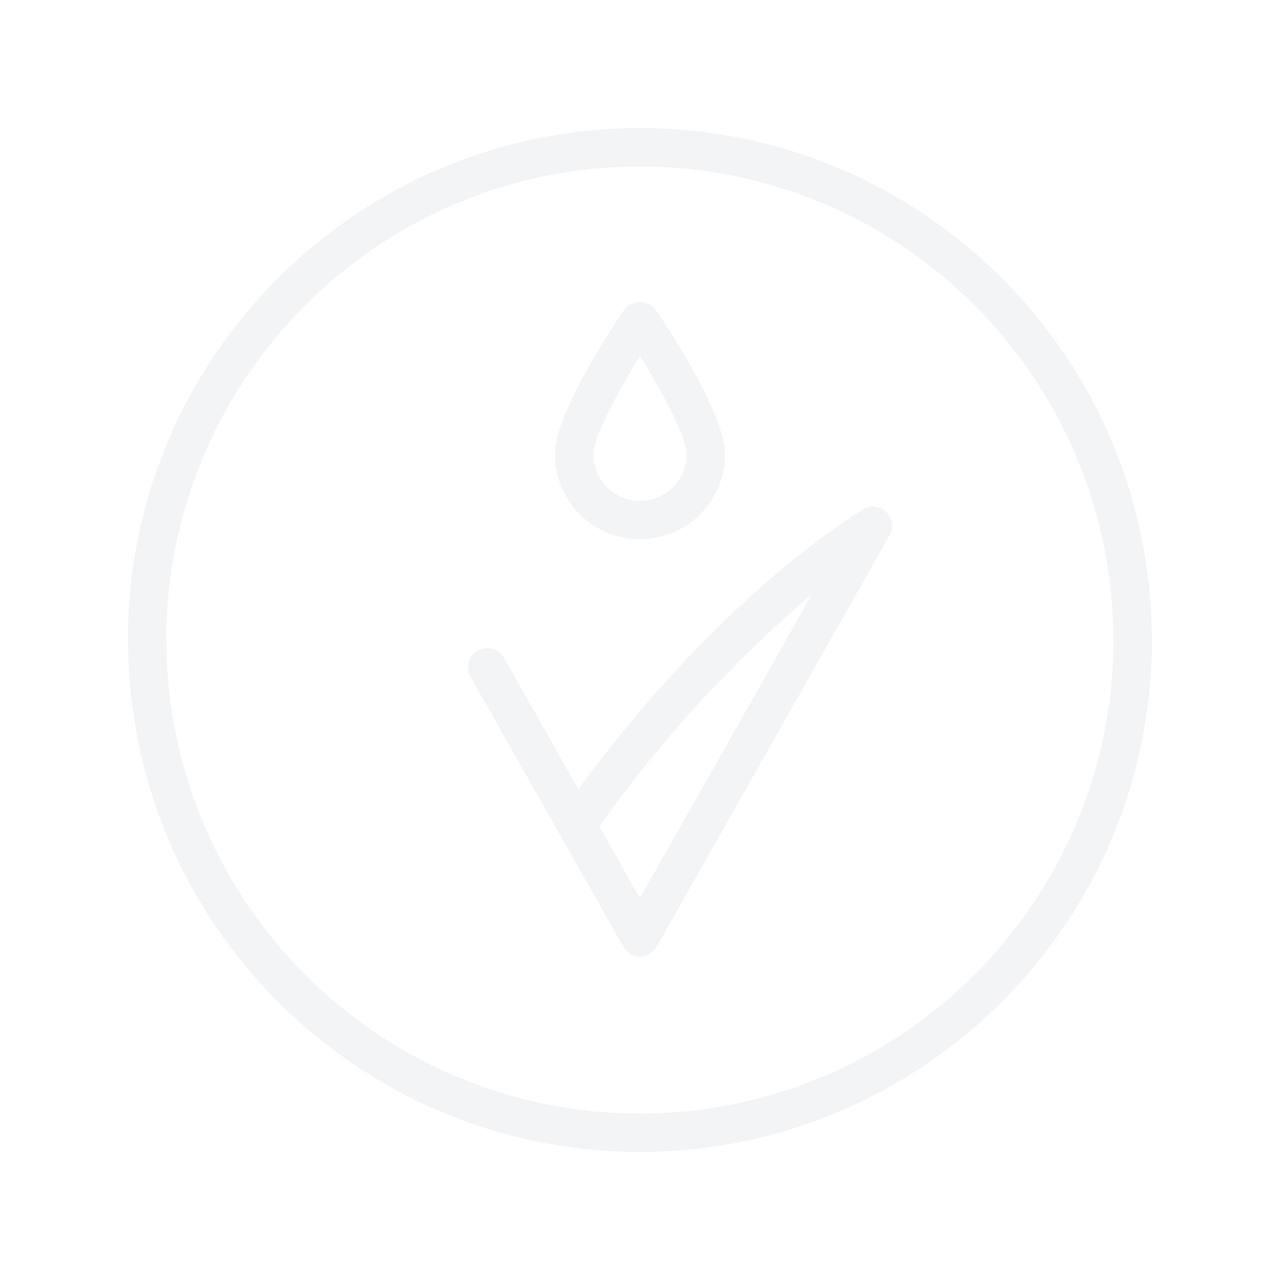 GUERLAIN Lingerie De Peau Aqua Nude Fluid SPF20 30ml